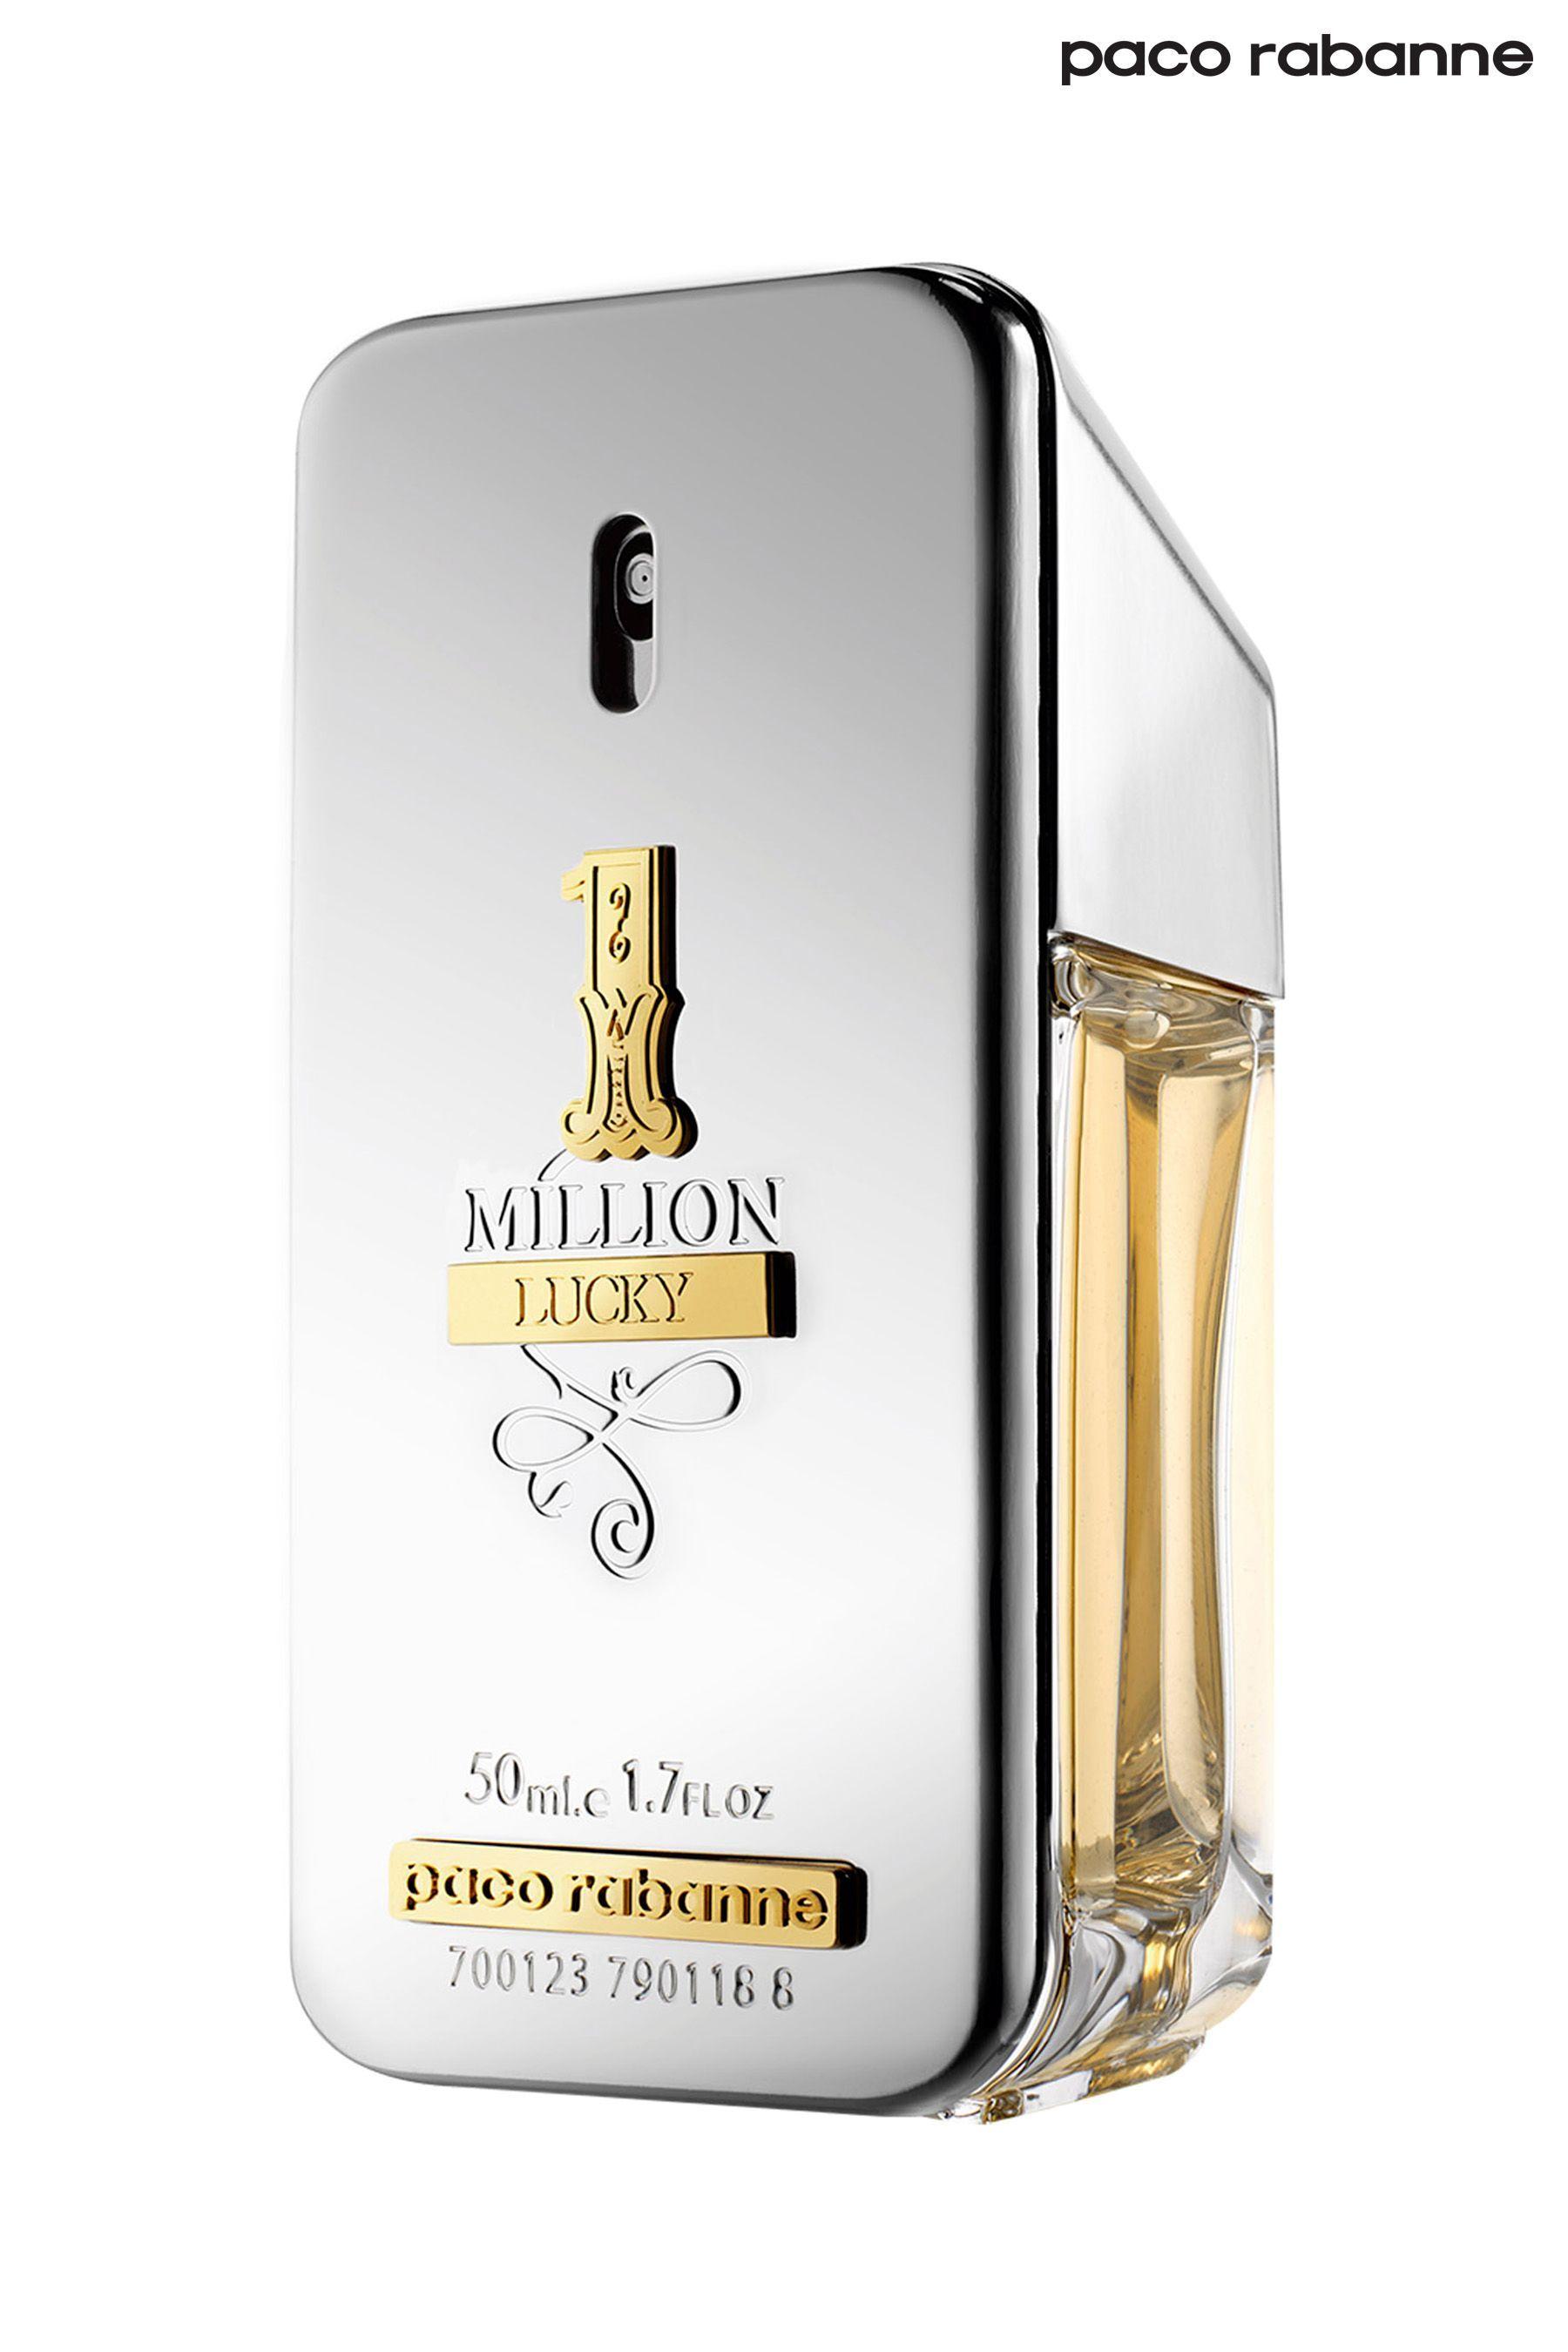 Mens Paco Rabanne One Million Lucky Eau De Toilette Silver Paco Rabanne Eau De Toilette One In A Million